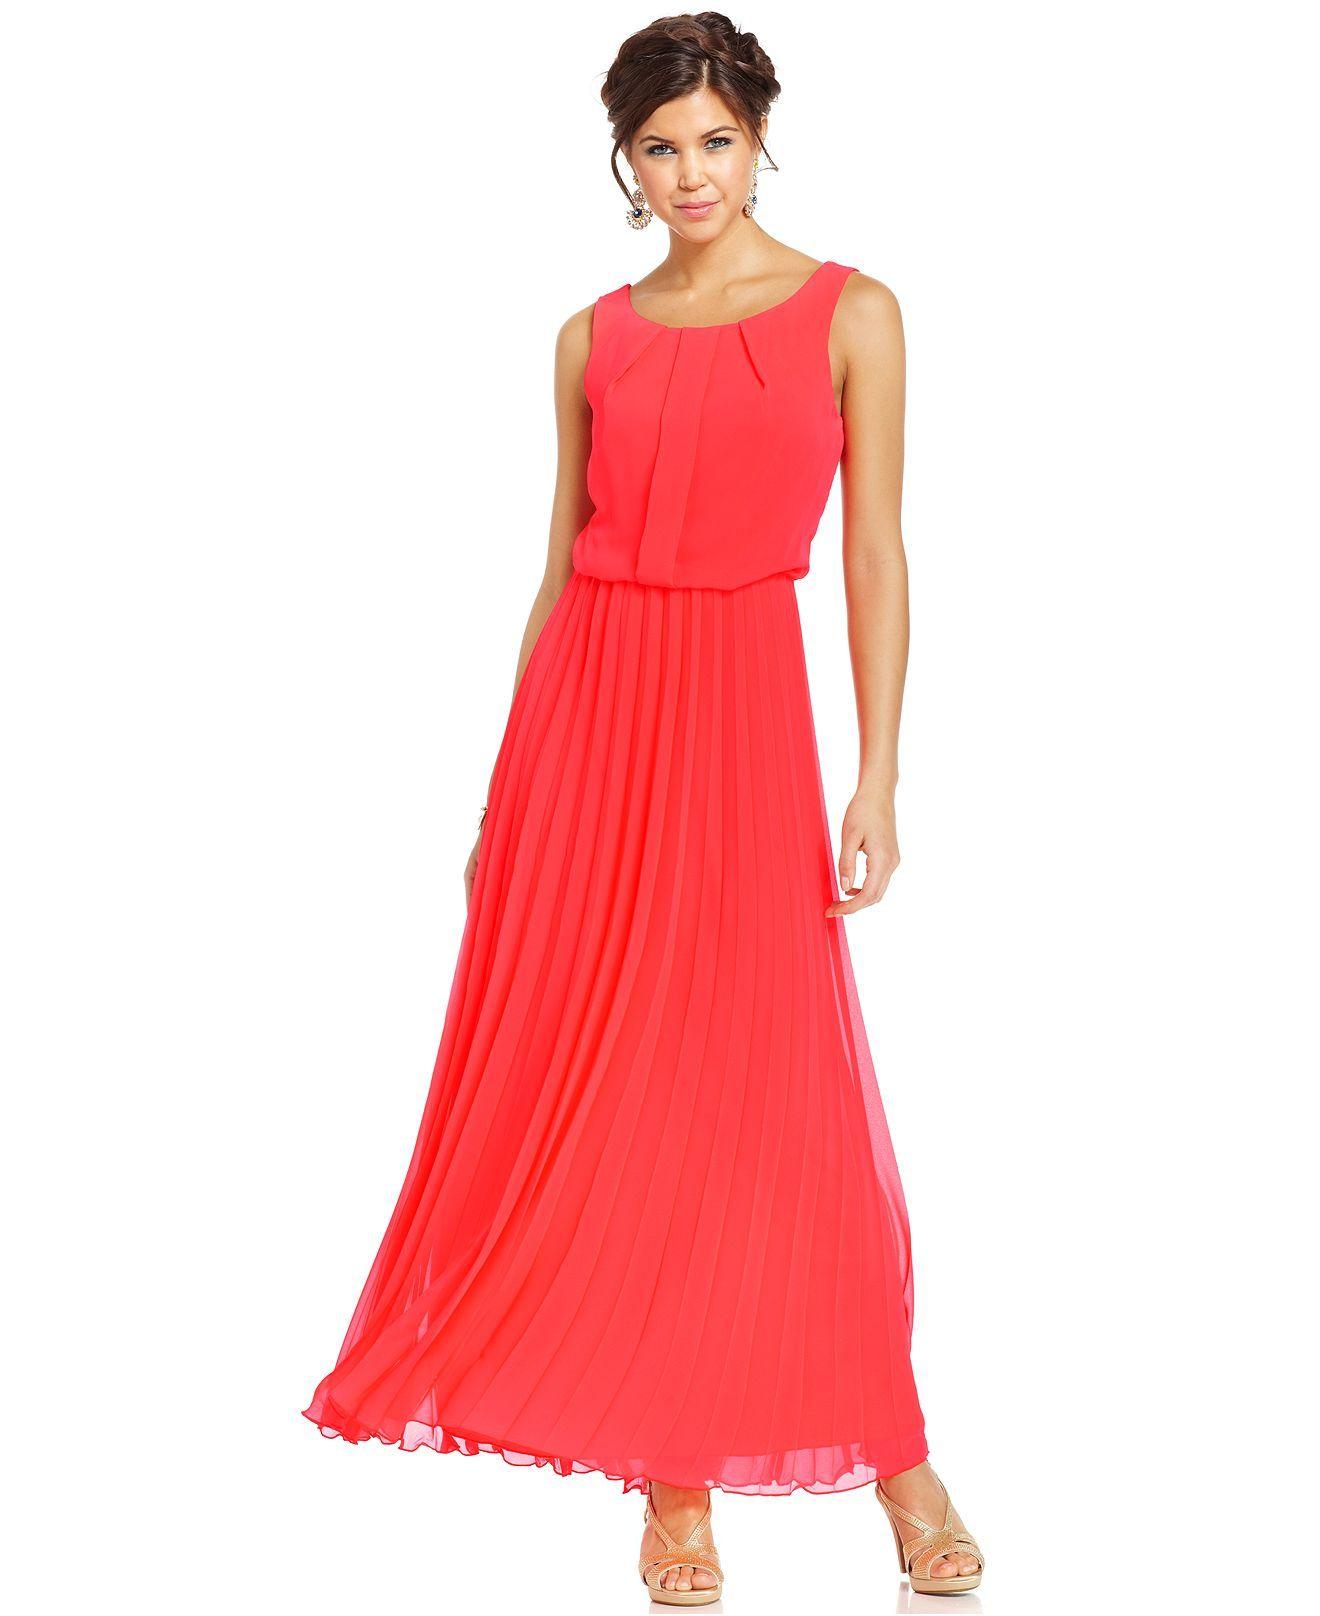 Junior Maxi Dresses | Dress images